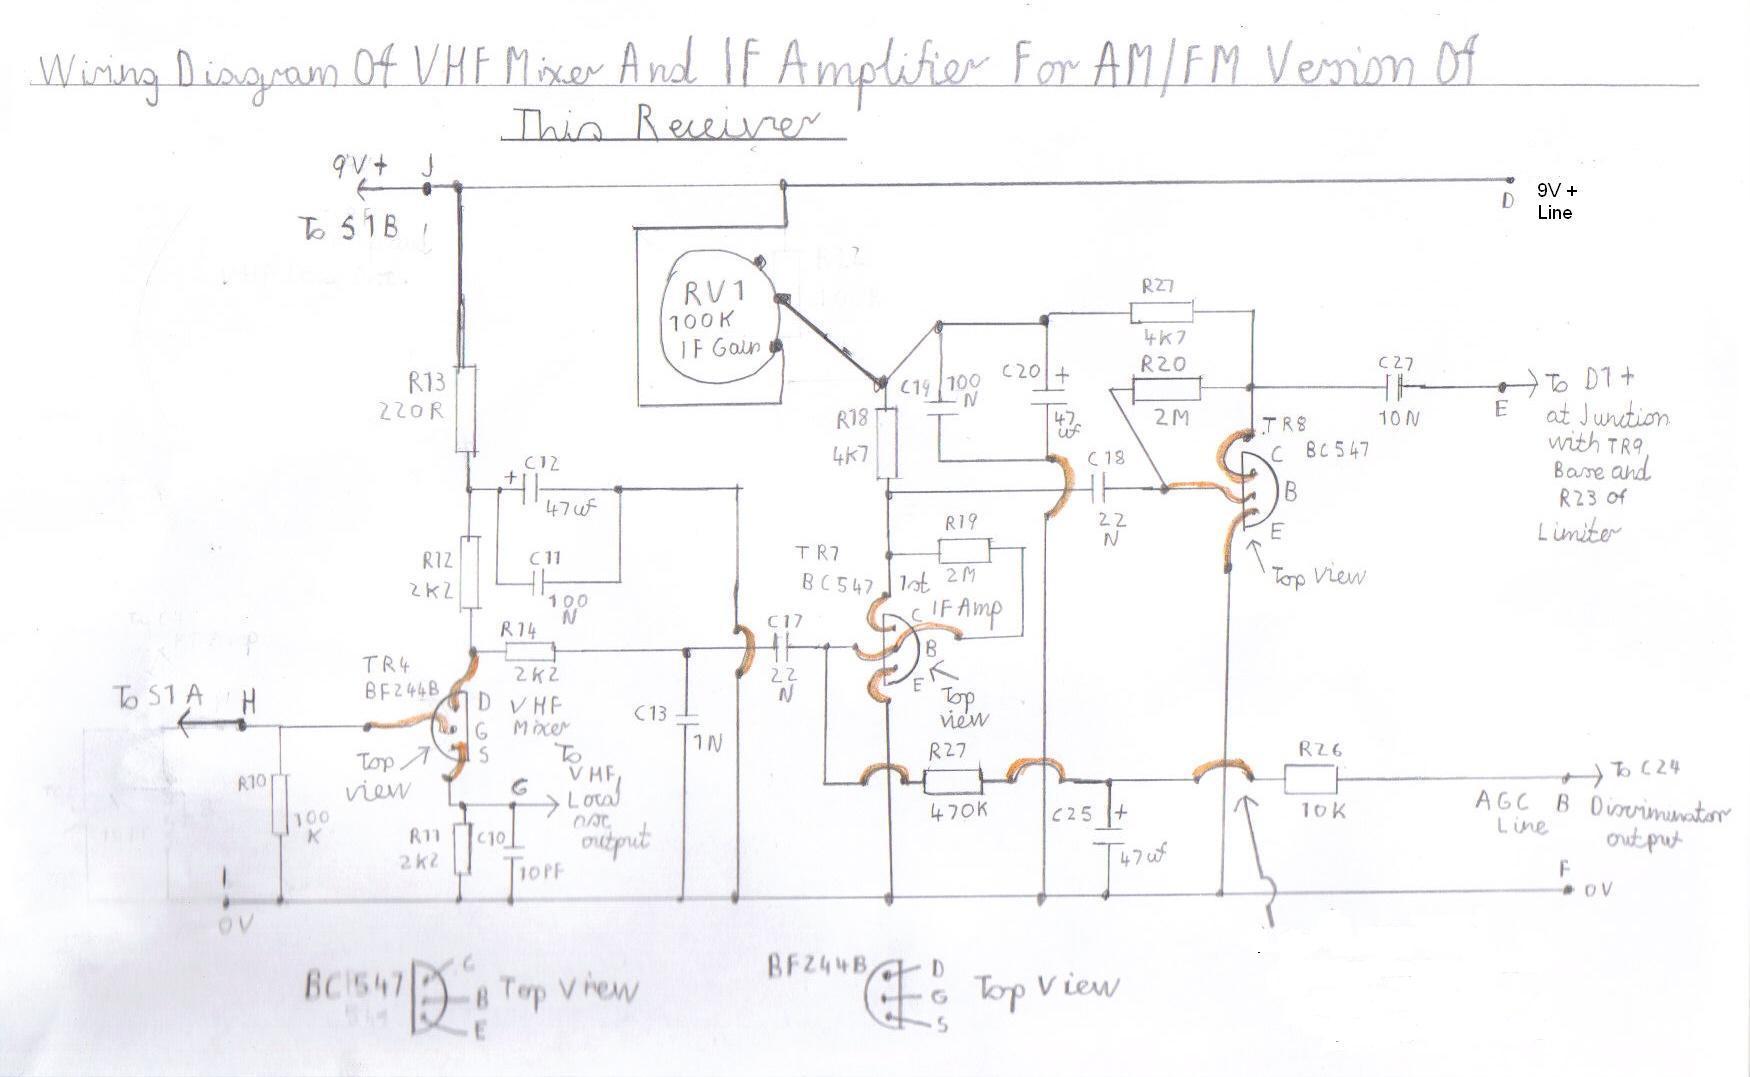 Saba 310wl additionally Schematics furthermore Superheterodyne receiver additionally Solidstateshortwaveandvhfreceiver 1 as well Tuned radio frequency receiver. on trf radio receiver